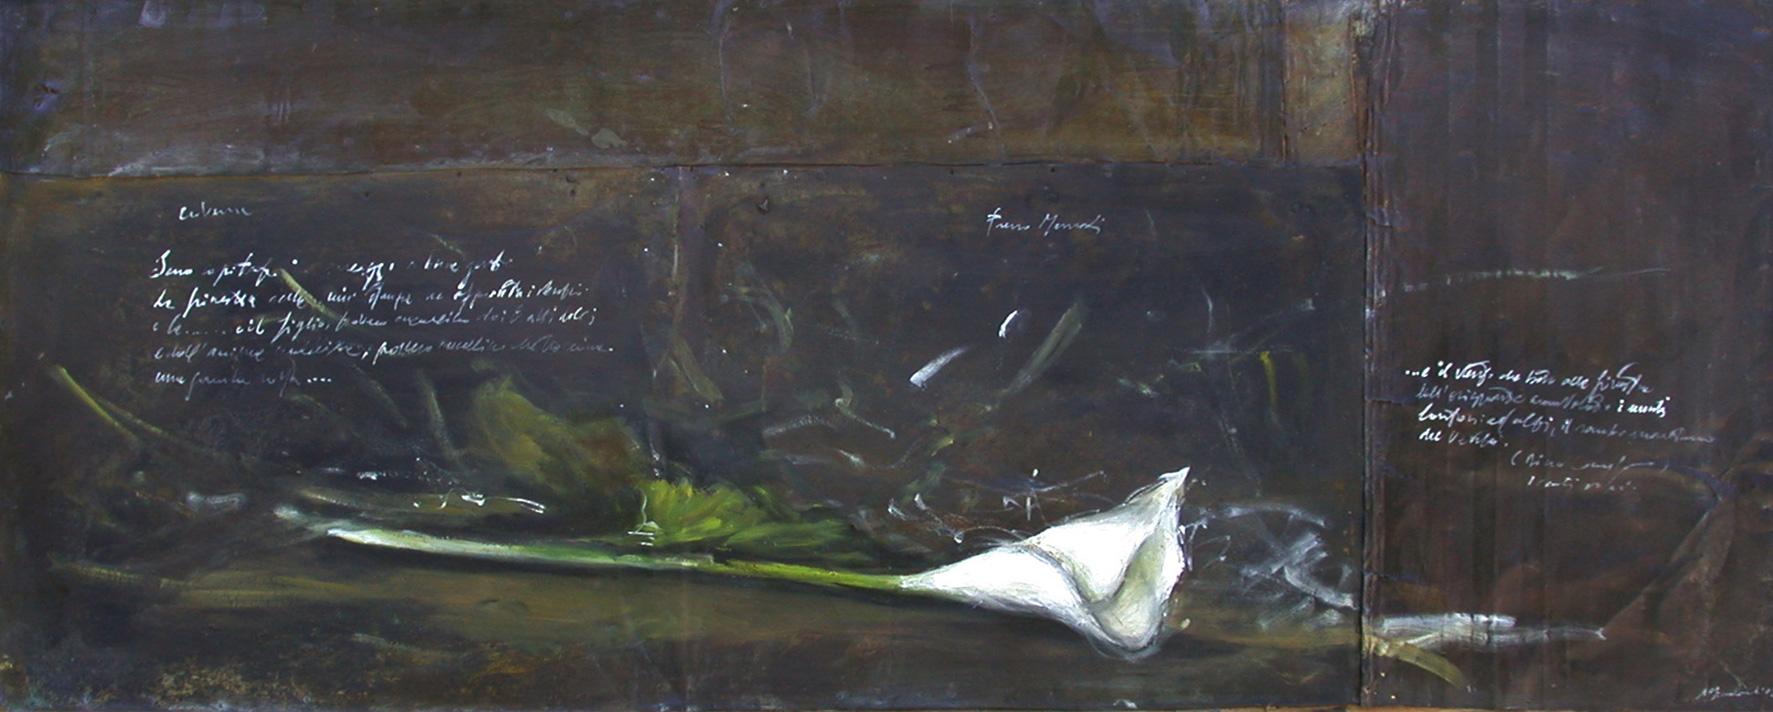 Calla, olio su lamiera su legno, 80x140 cm, 2000, <br>Collezione Privata